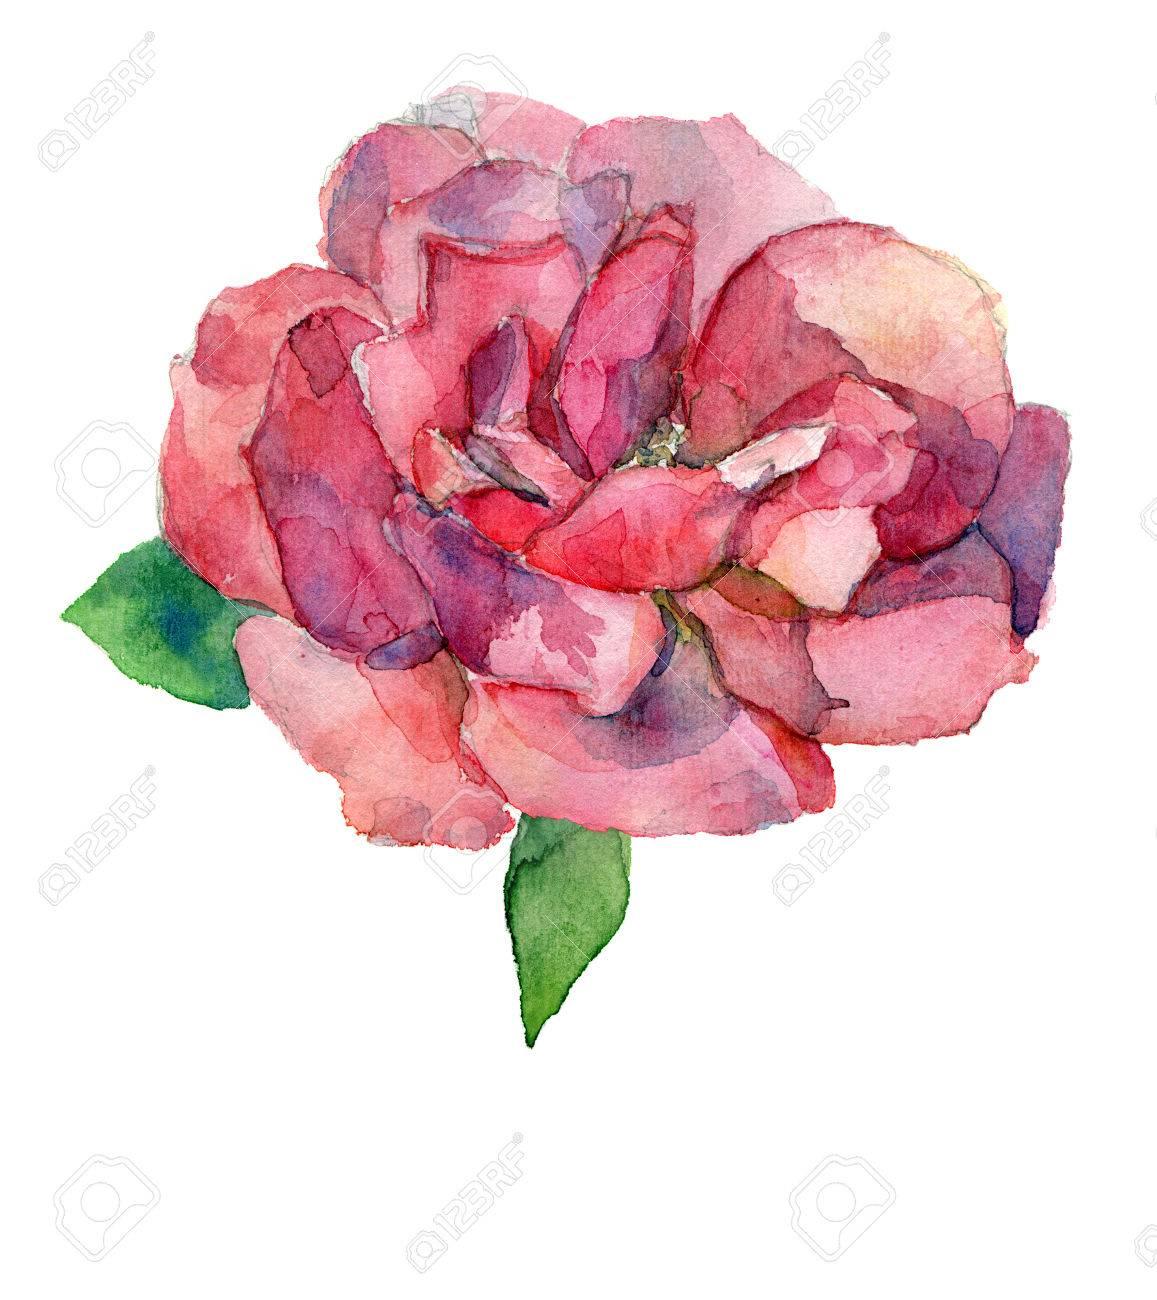 Rouge Ou Rose Fleur Rose Aquarelle Dessin Isole Jpg Raster Bitmap